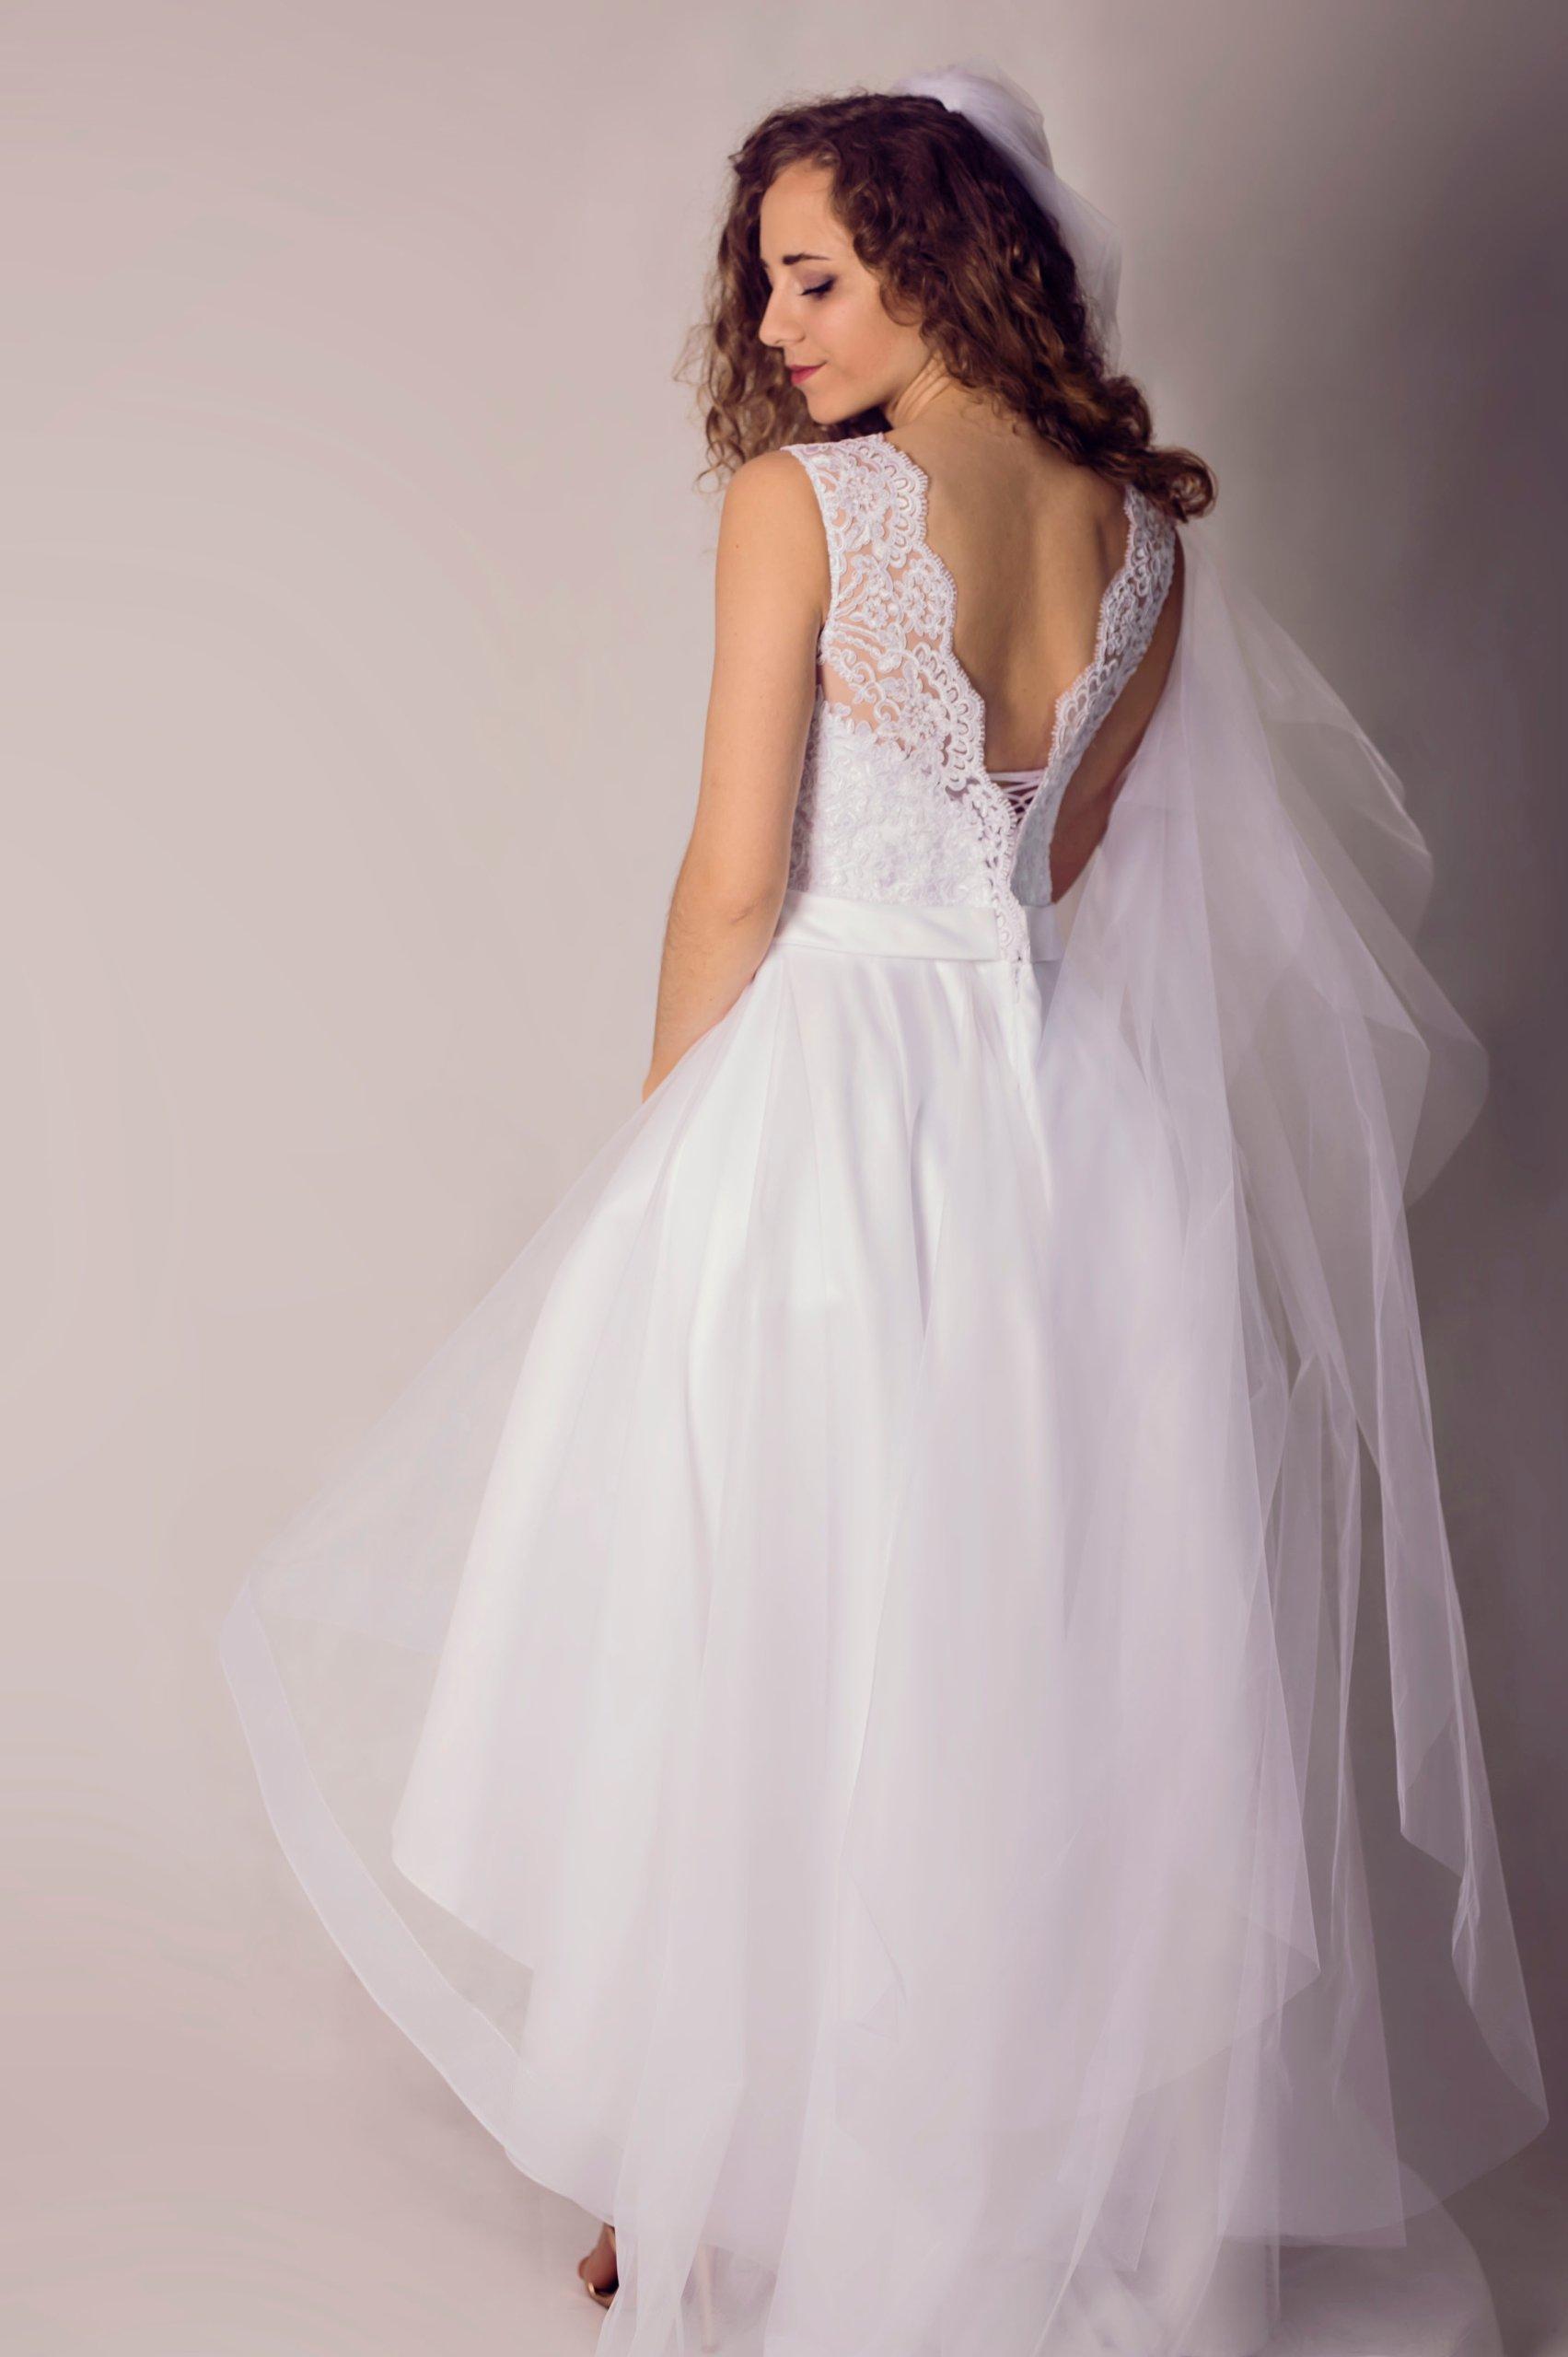 07ec827964 Asymetryczna suknia ślubna. Idealna! - 7383426526 - oficjalne ...